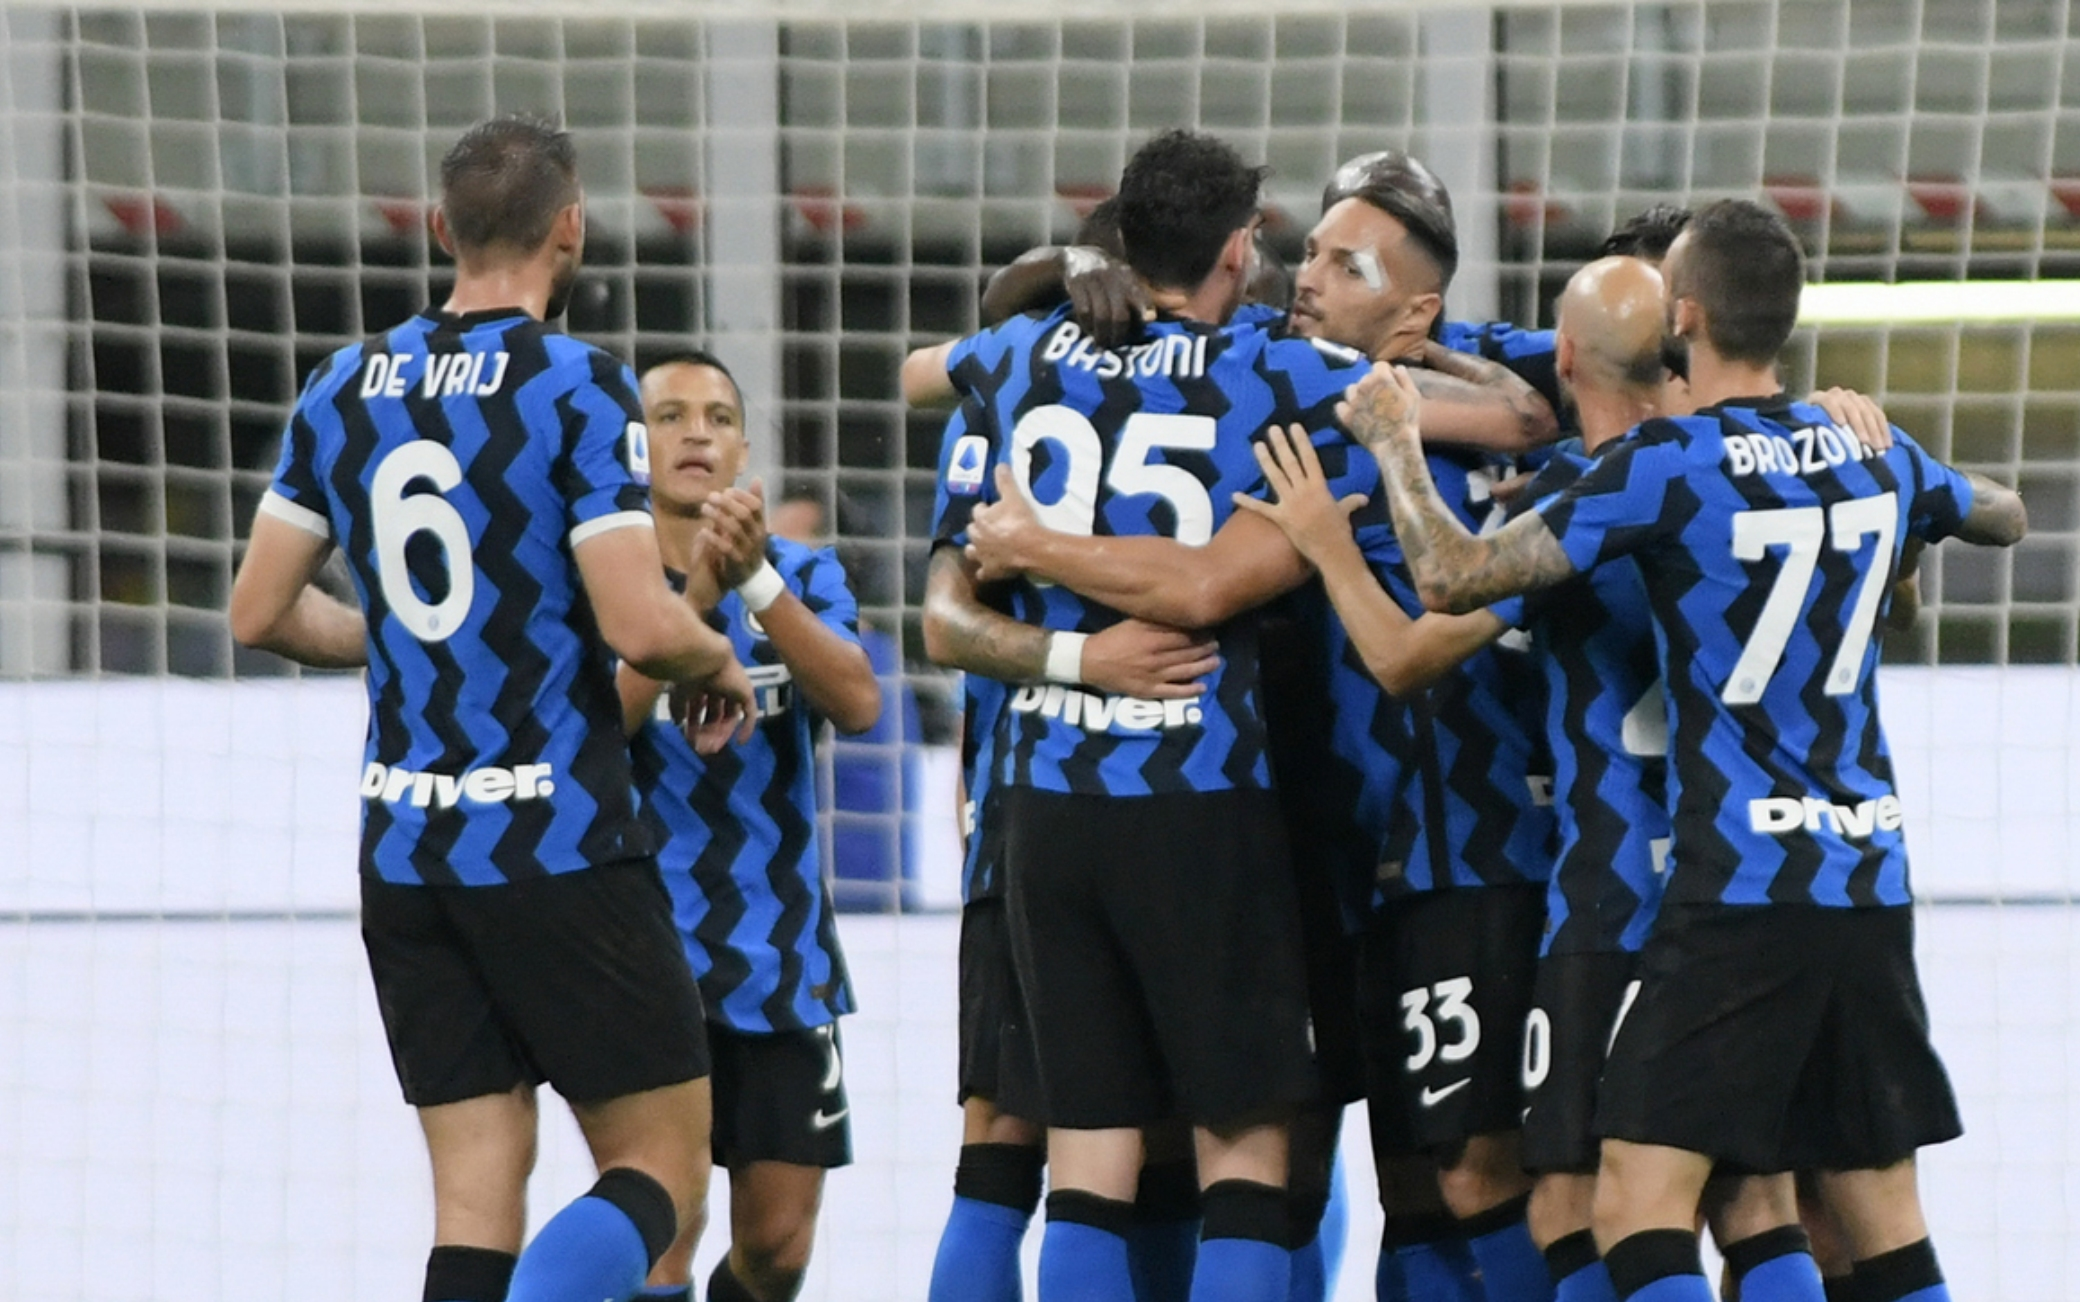 Calendario Inter Le Partite Dei Nerazzurri Nel Prossimo Campionato Di Serie A Sky Sport